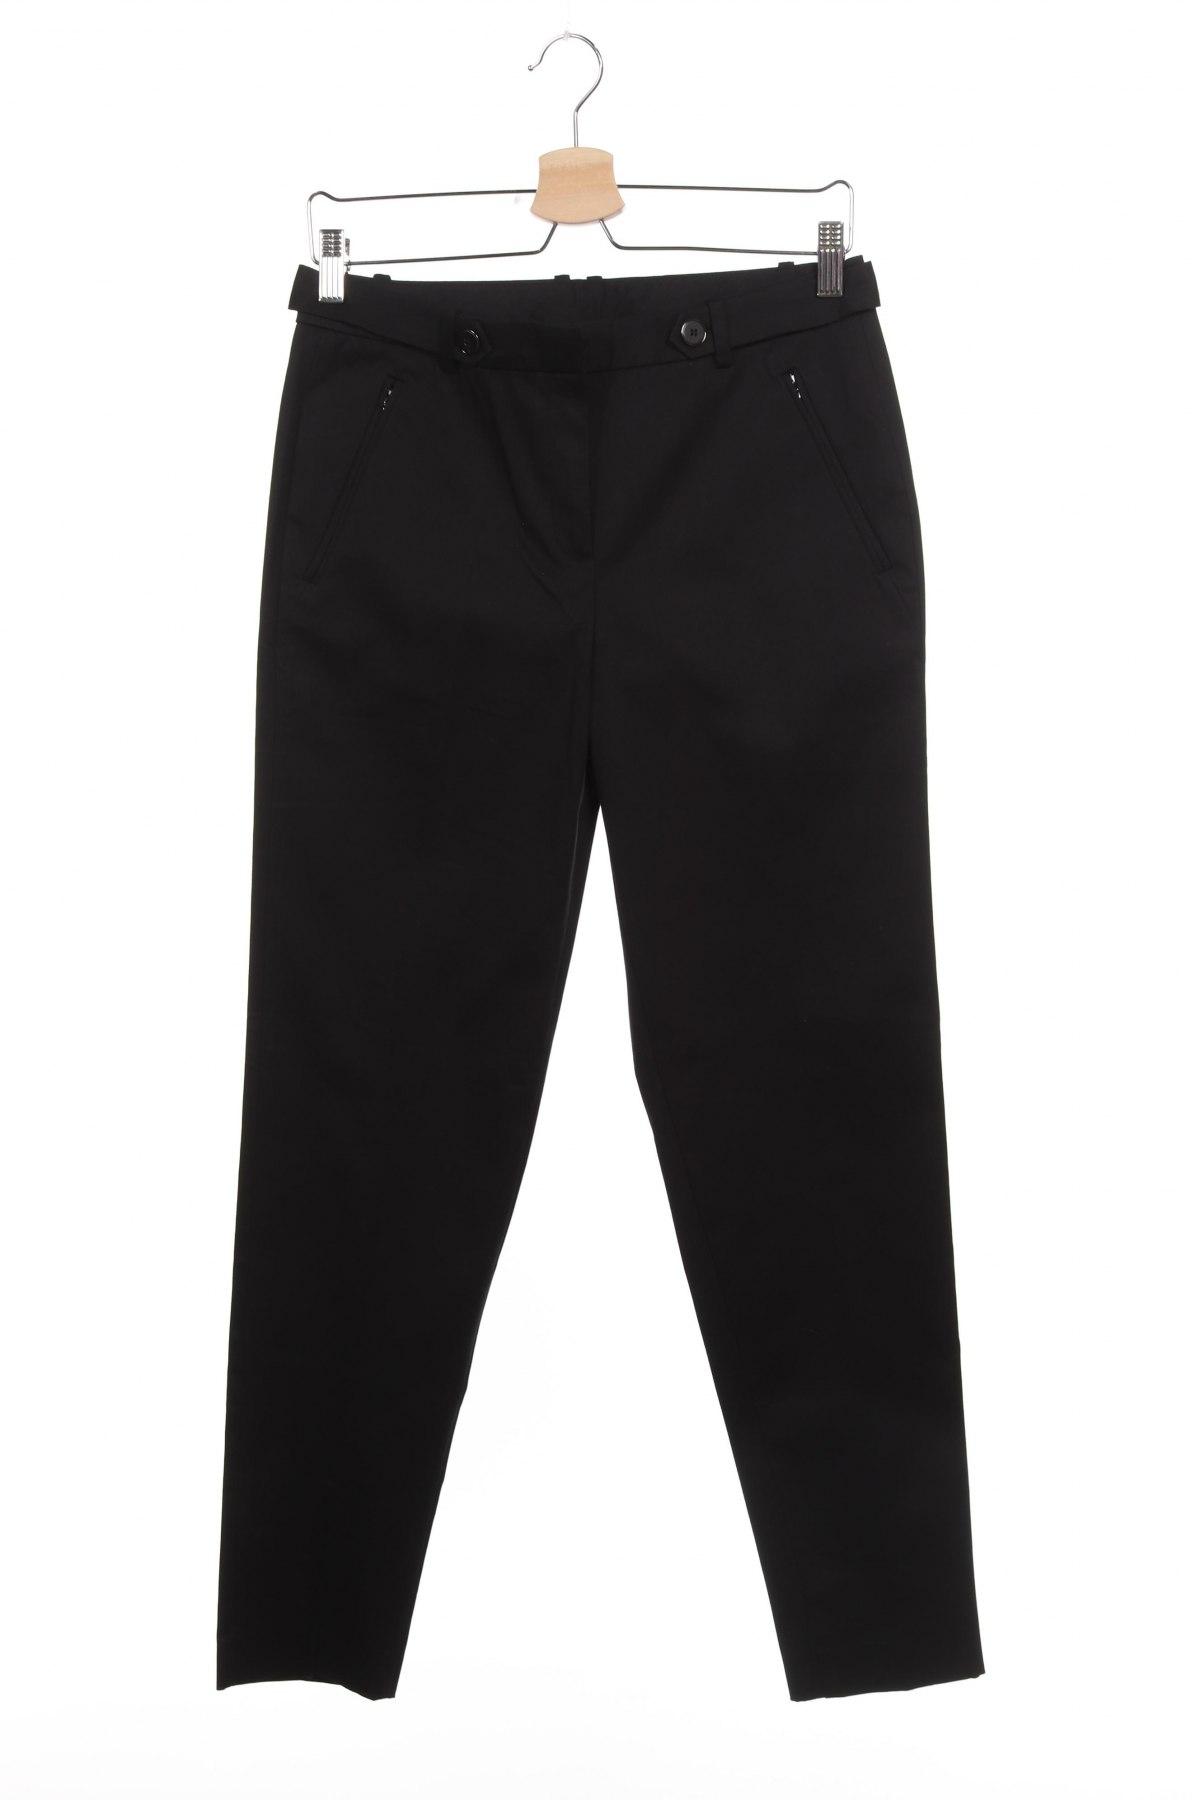 Дамски панталон Esprit, Размер XS, Цвят Черен, 84% памук, 12% модал, 4% еластан, Цена 26,78лв.